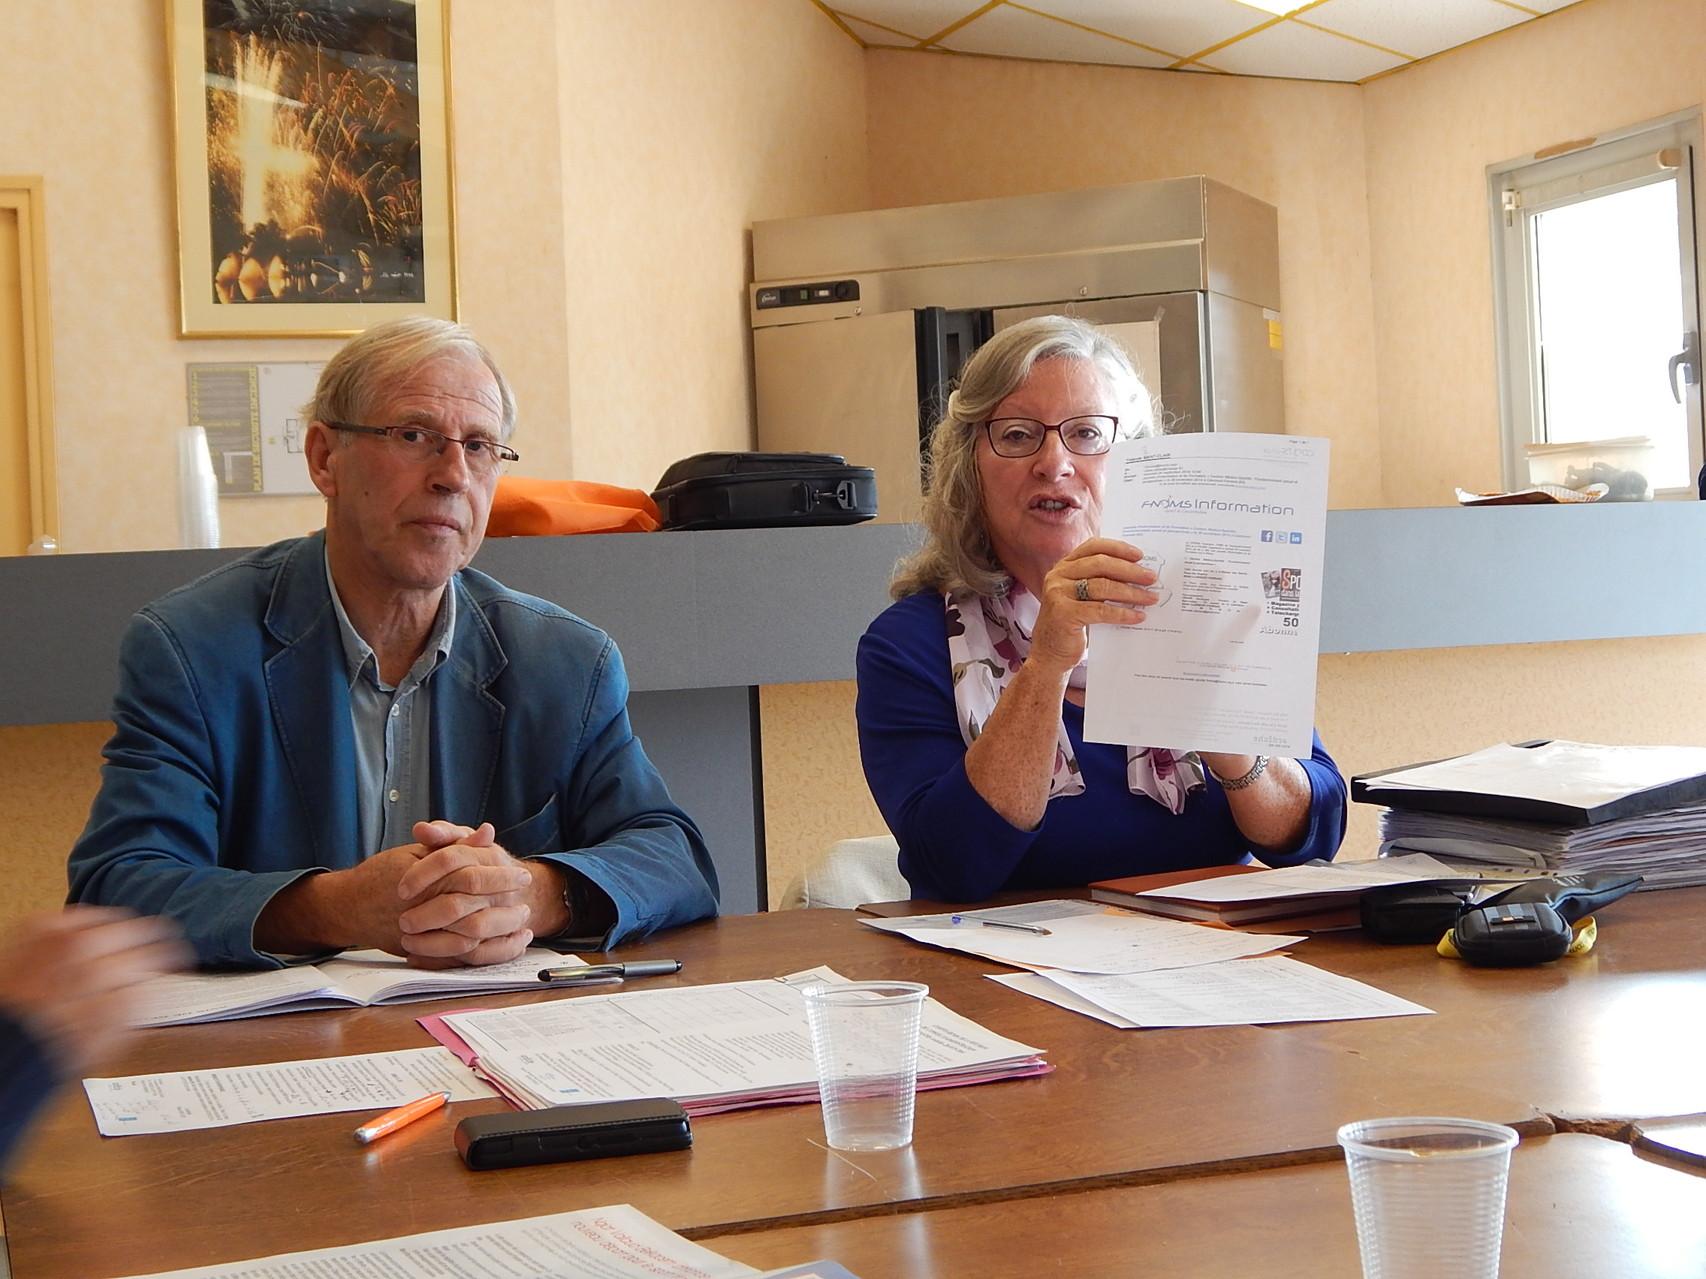 CA du CDOTS 07-26 à La Roche de Glun JL MAHUET président du CROMSRA et Y. SAINT-CLAIR présidente du CDOTS 07-26.